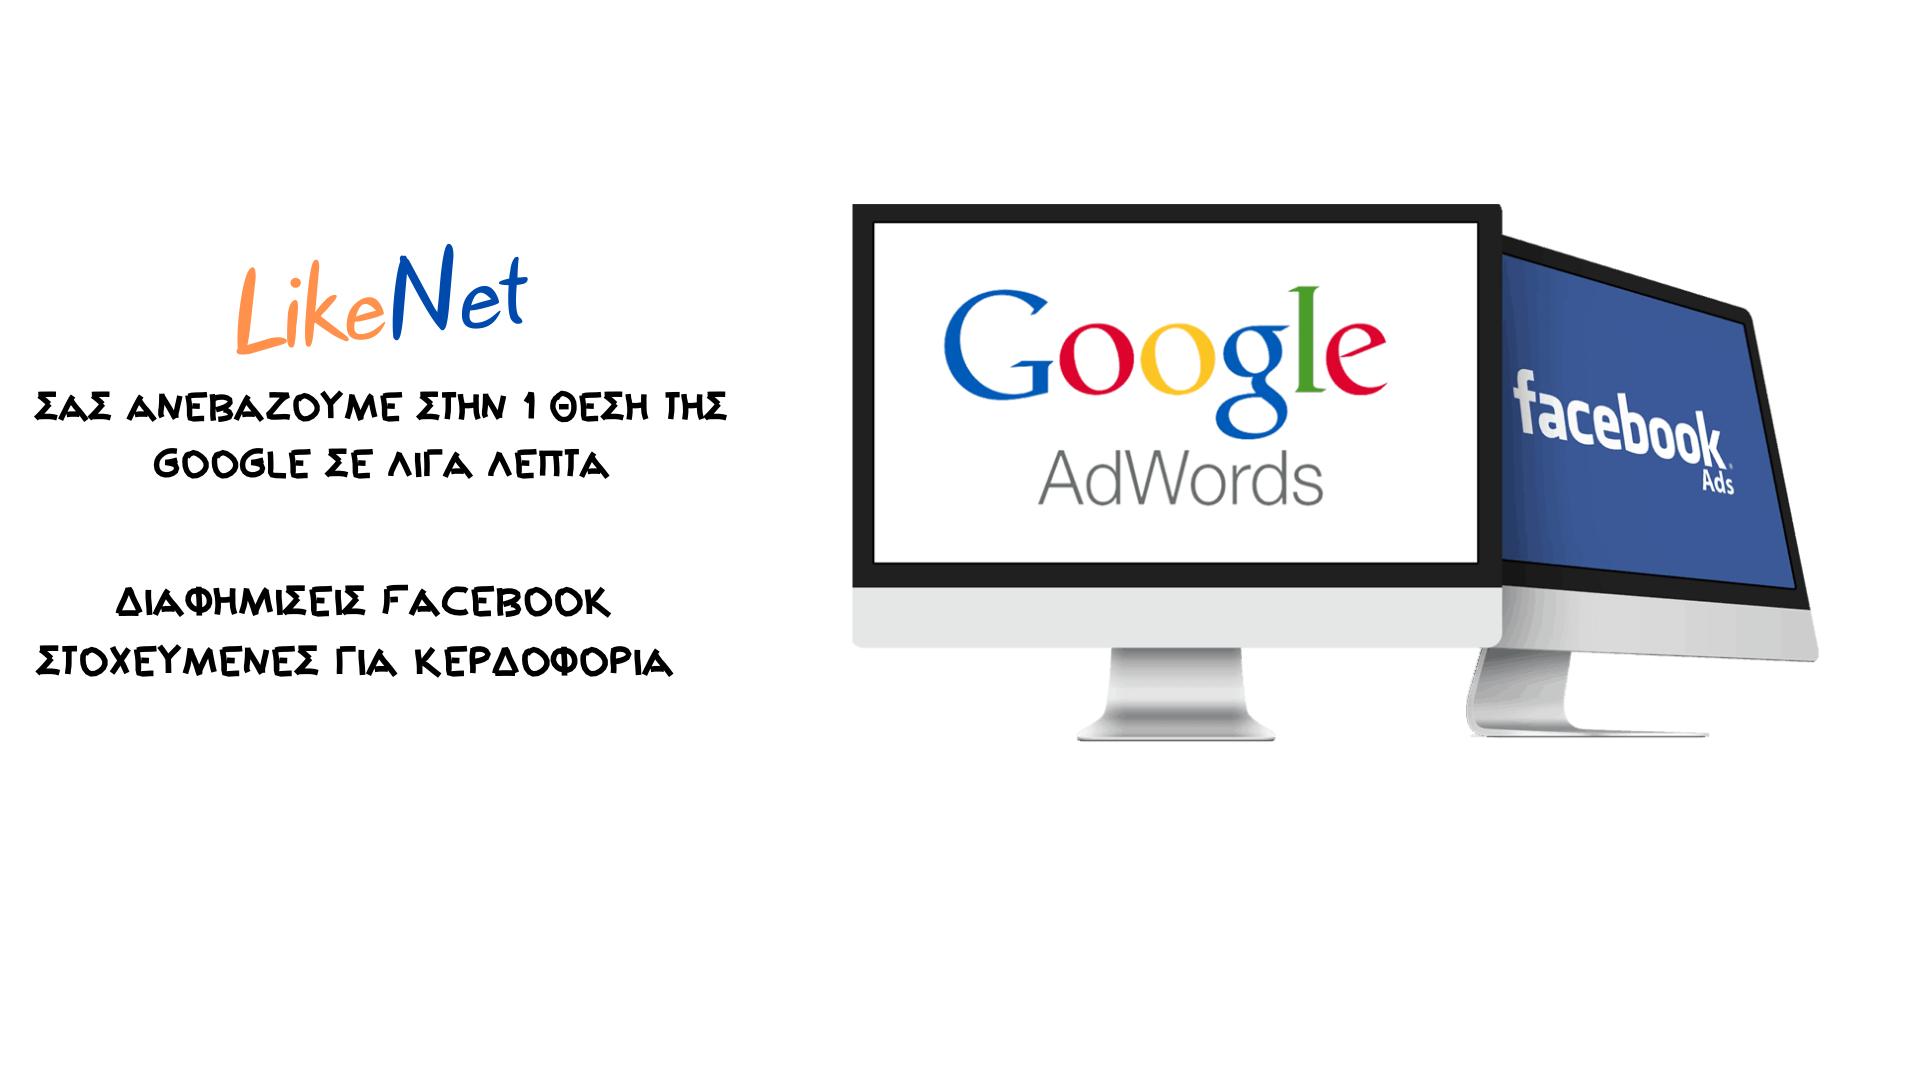 google ads - Facebook ads LikeNet